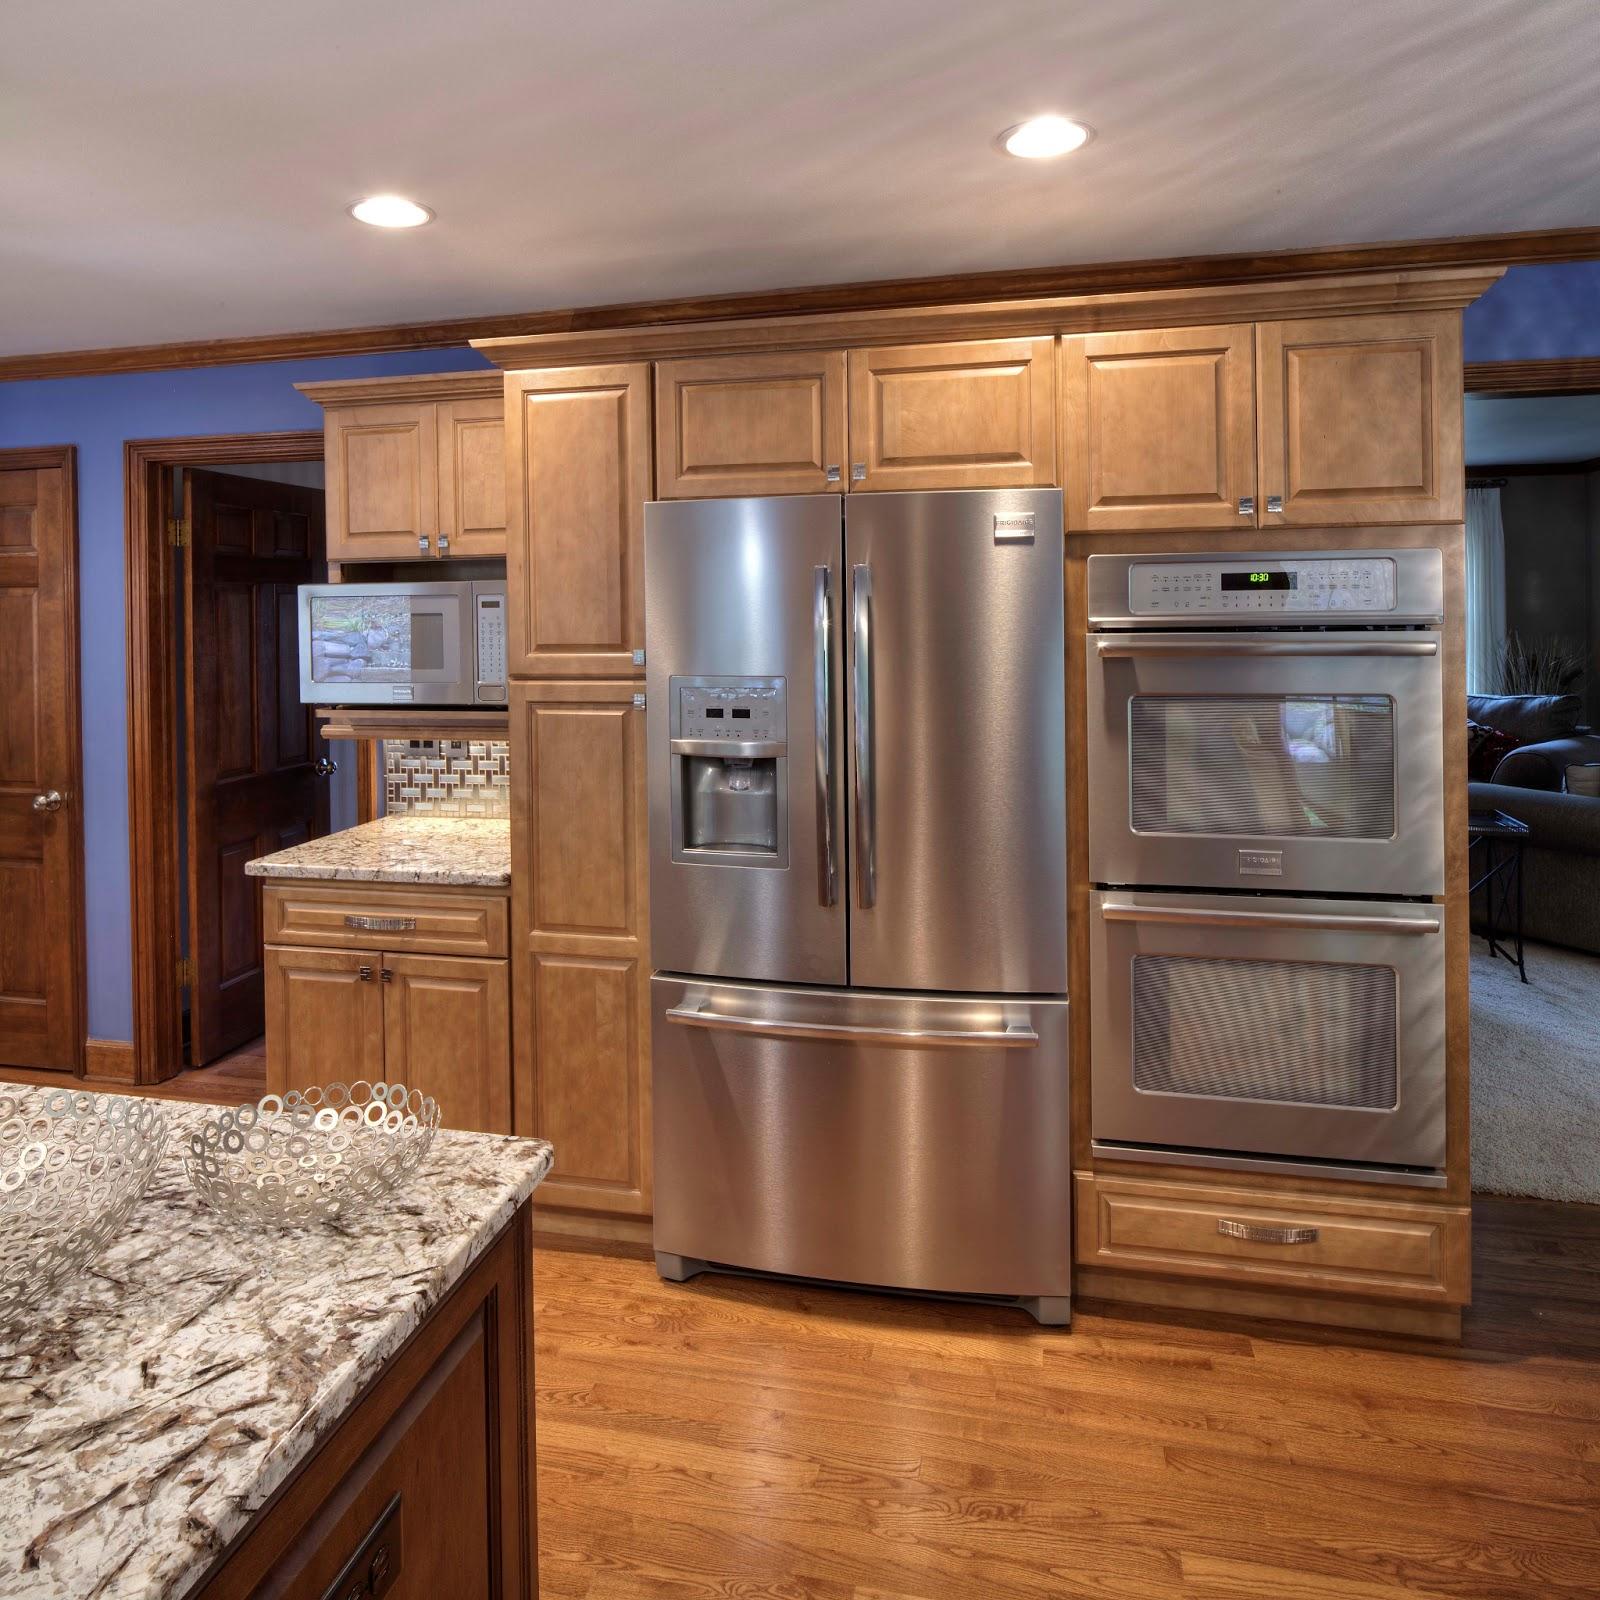 Kitchen Cabinets Around Fridge: Kitchen Appliance Round-Up: Options Abound